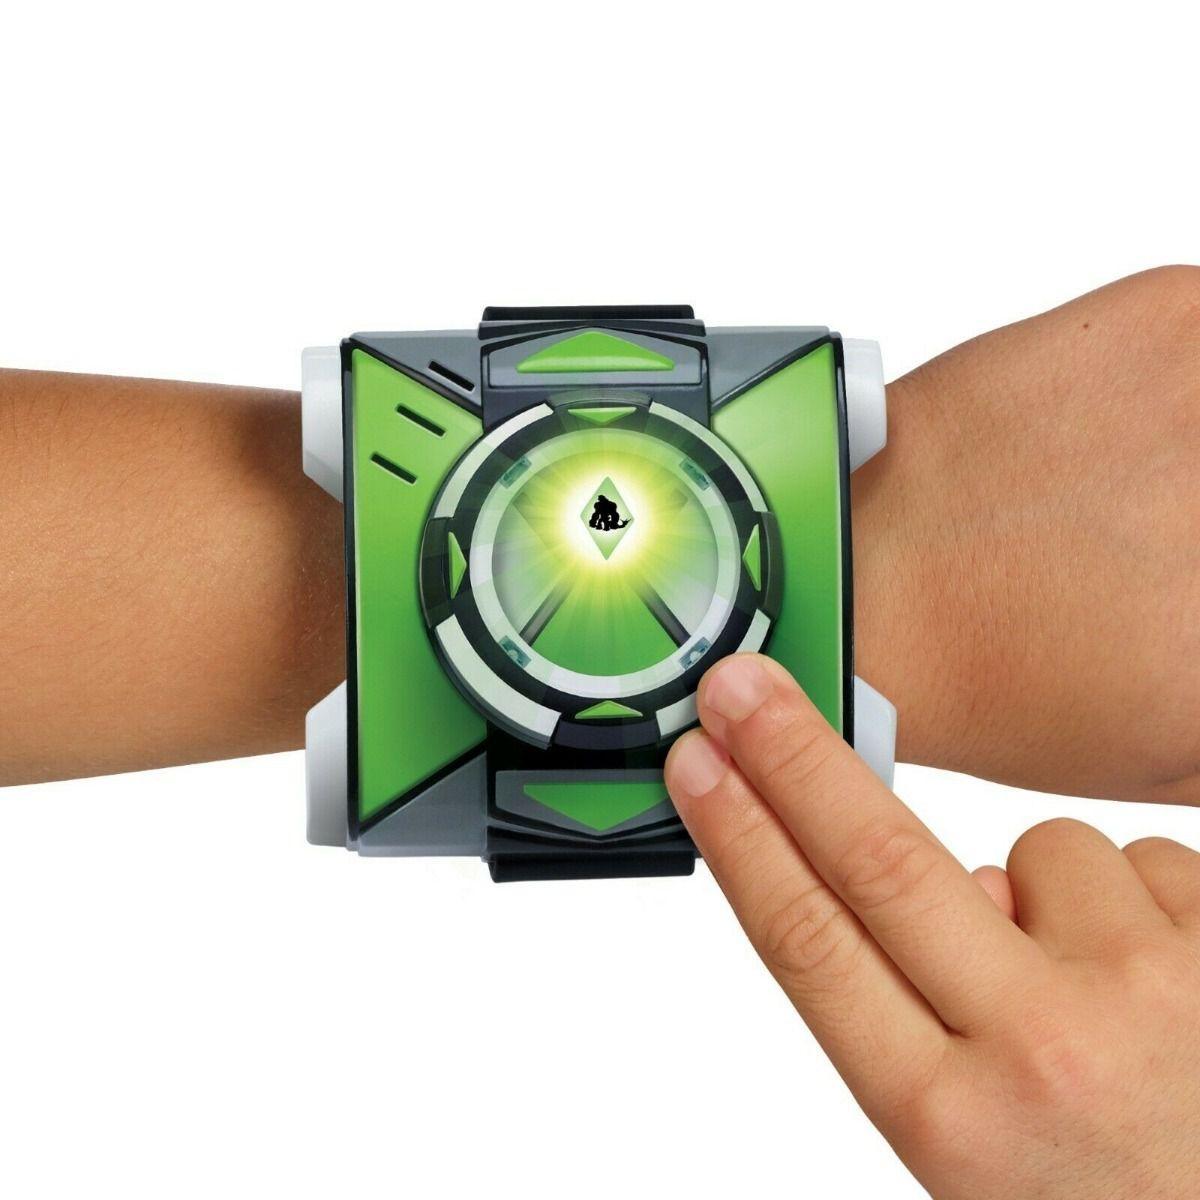 Relógio Ben 10 Omnitrix Série 3 Com 40 Frases Sunny